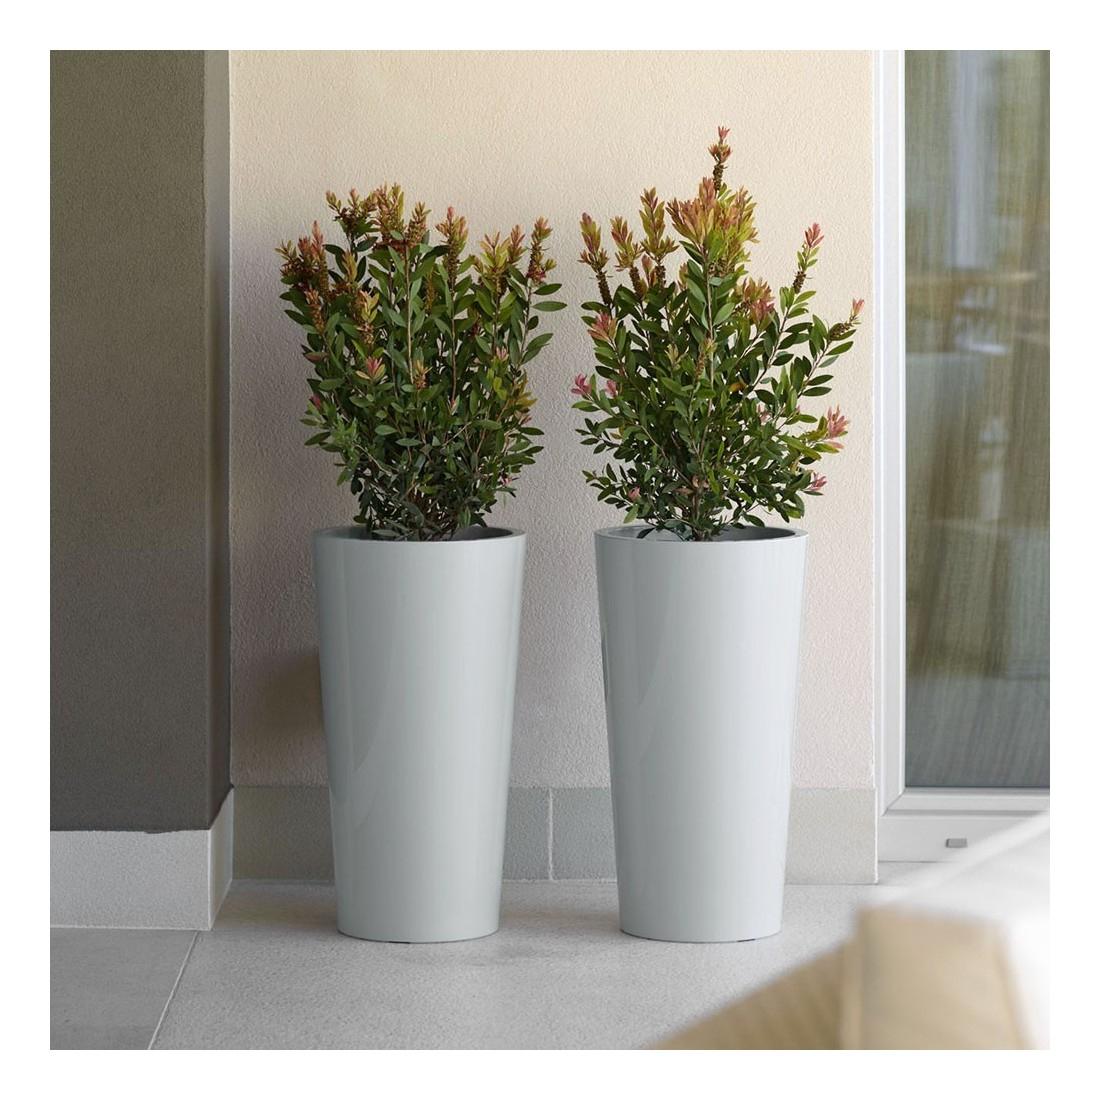 Pot Deco Exterieur Pastel Gris tout Pot Deco Jardin Exterieur